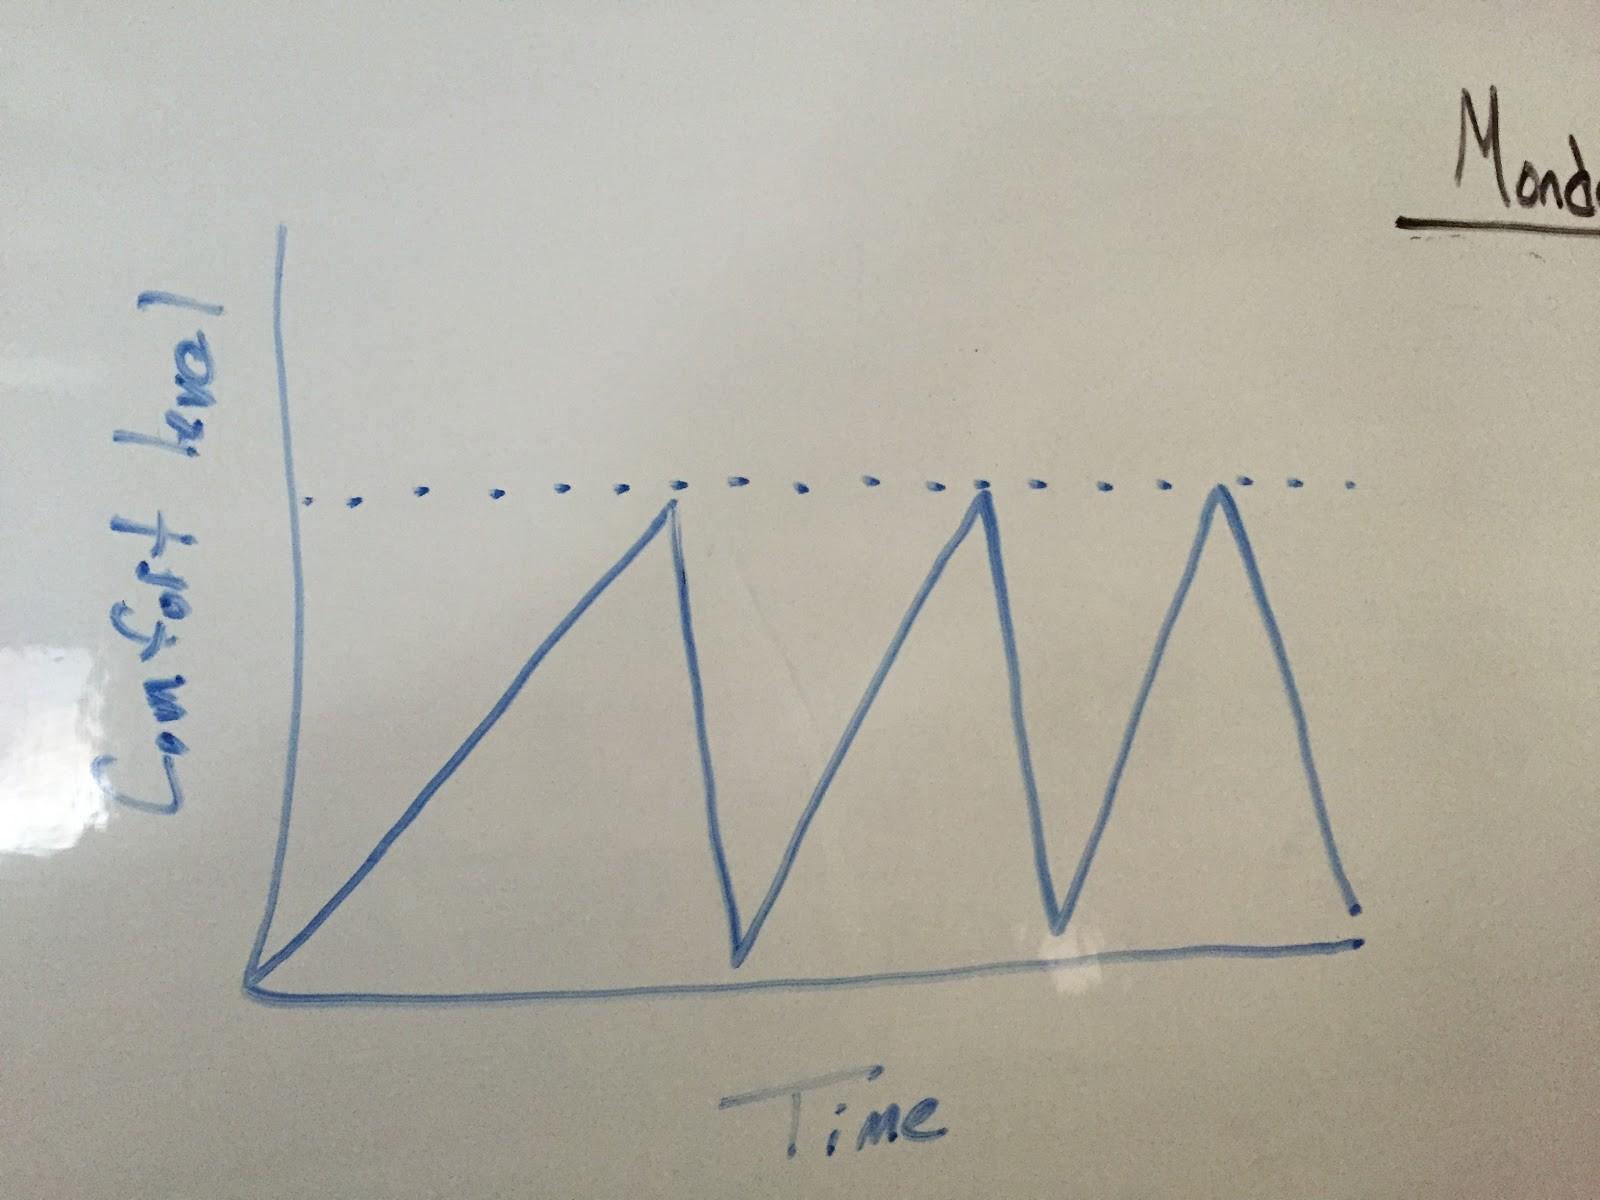 Первое правило в культуре стартапов, или О том, как я боялся перемен - 2